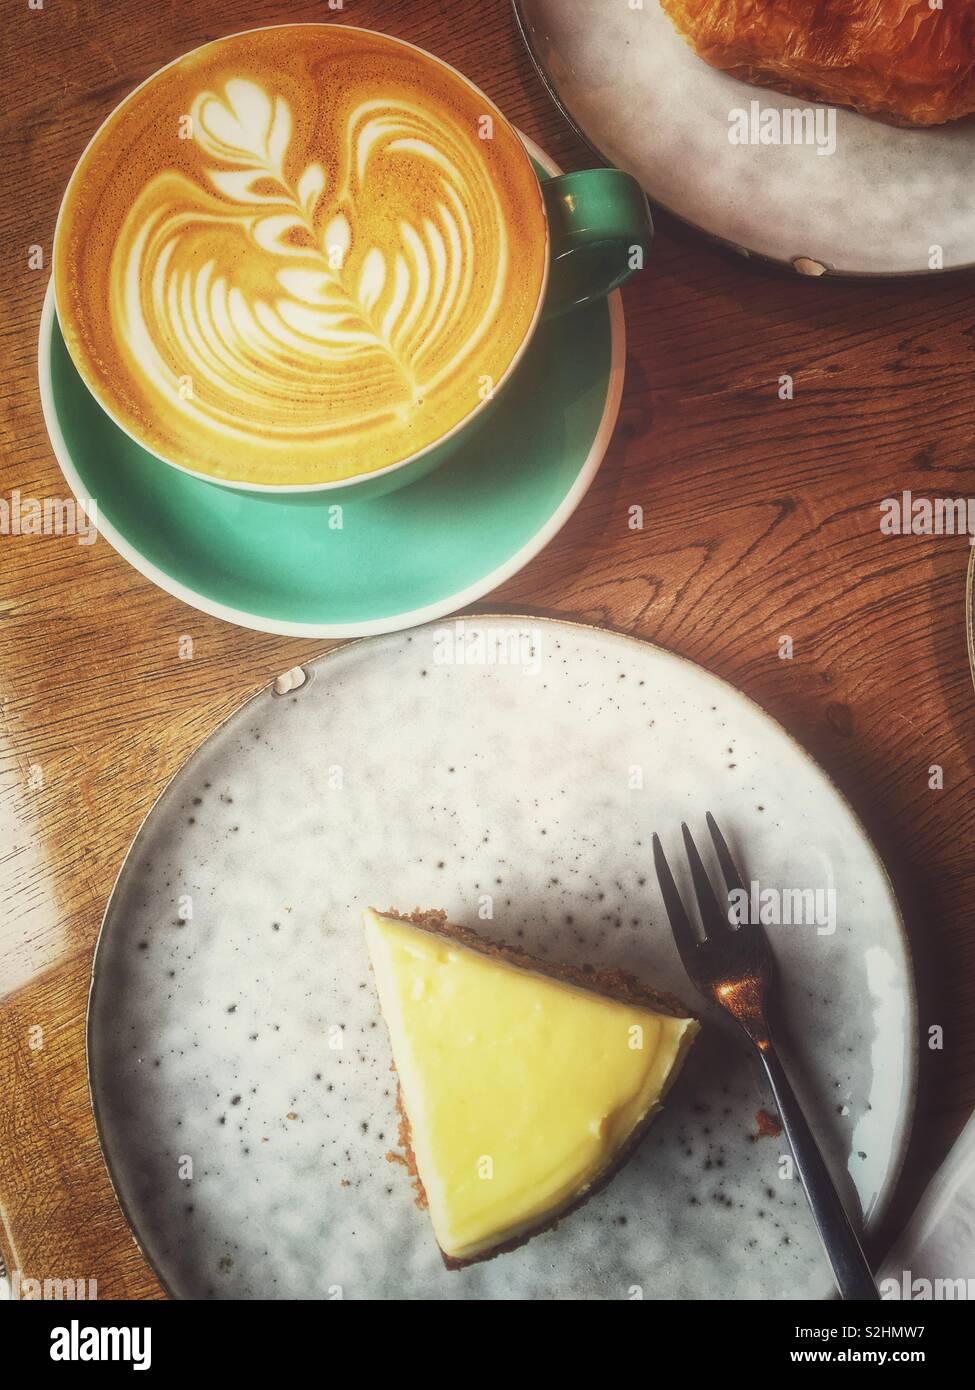 Café et dessert dans un café. Banque D'Images